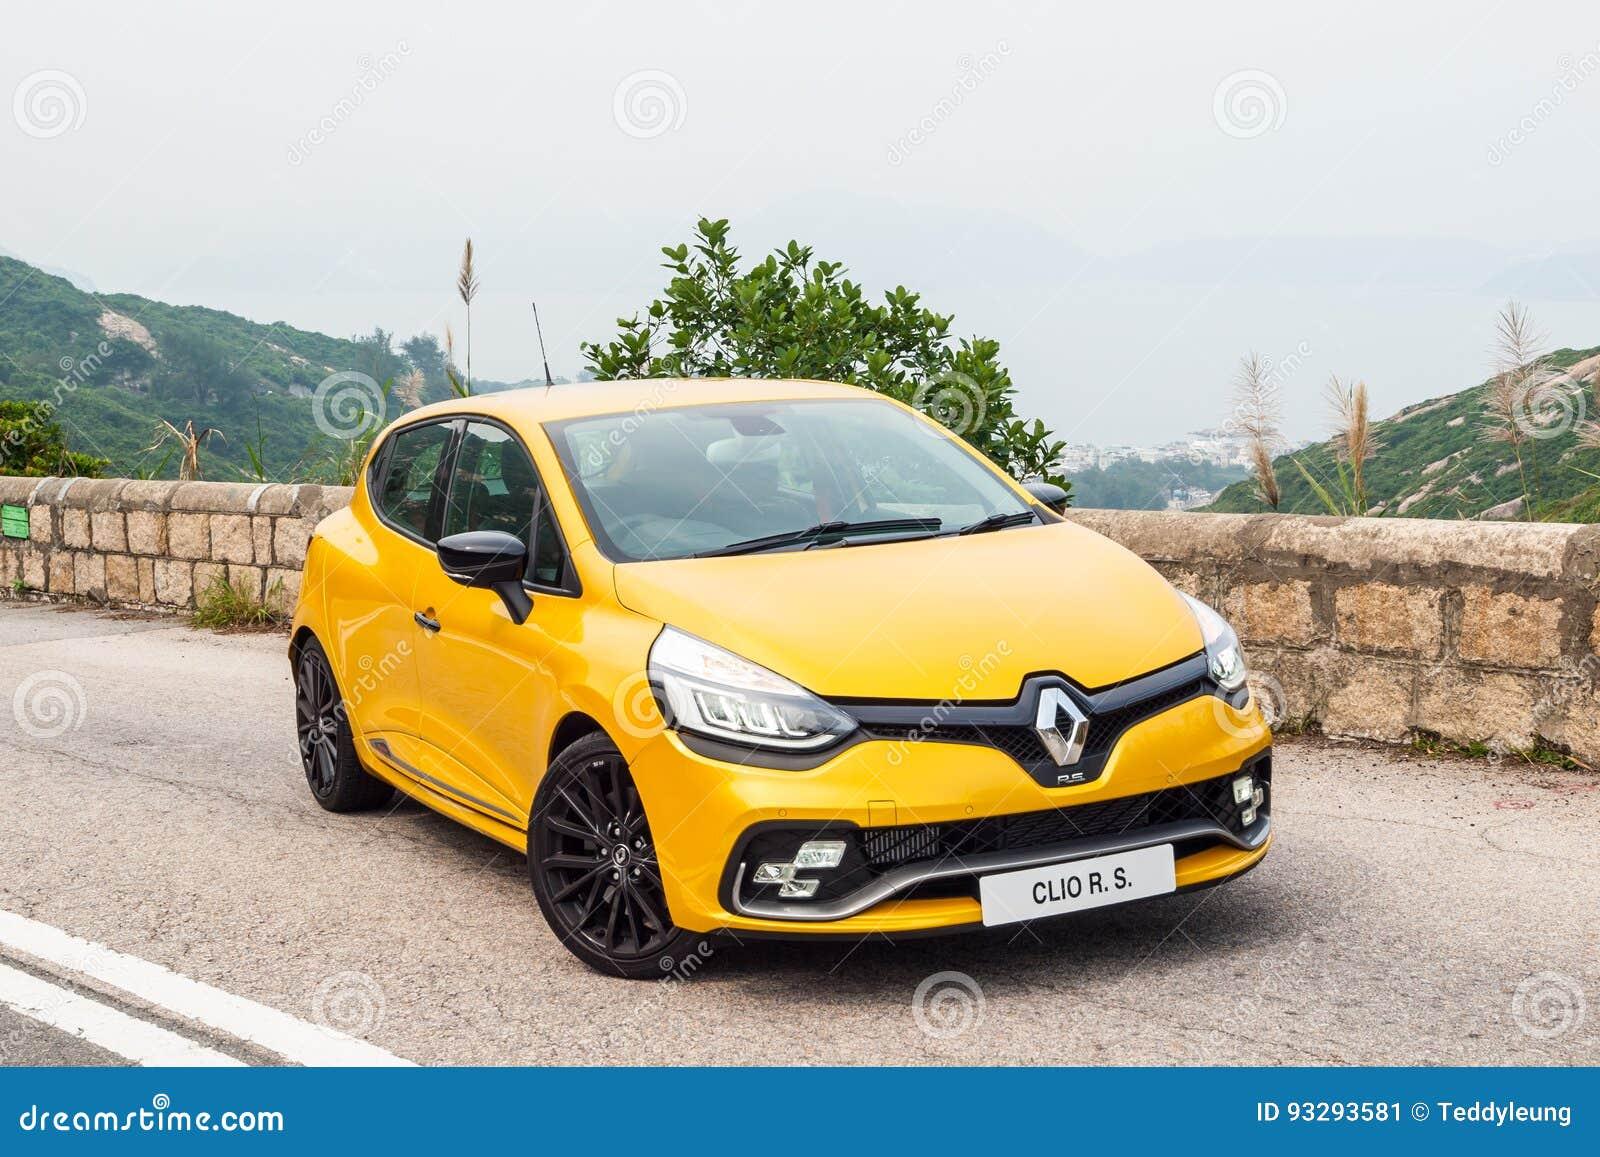 Dia Da Movimentacao Do Teste De Renault Clio Rs 2017 Foto Editorial Imagem De 2017 Clio 93293581